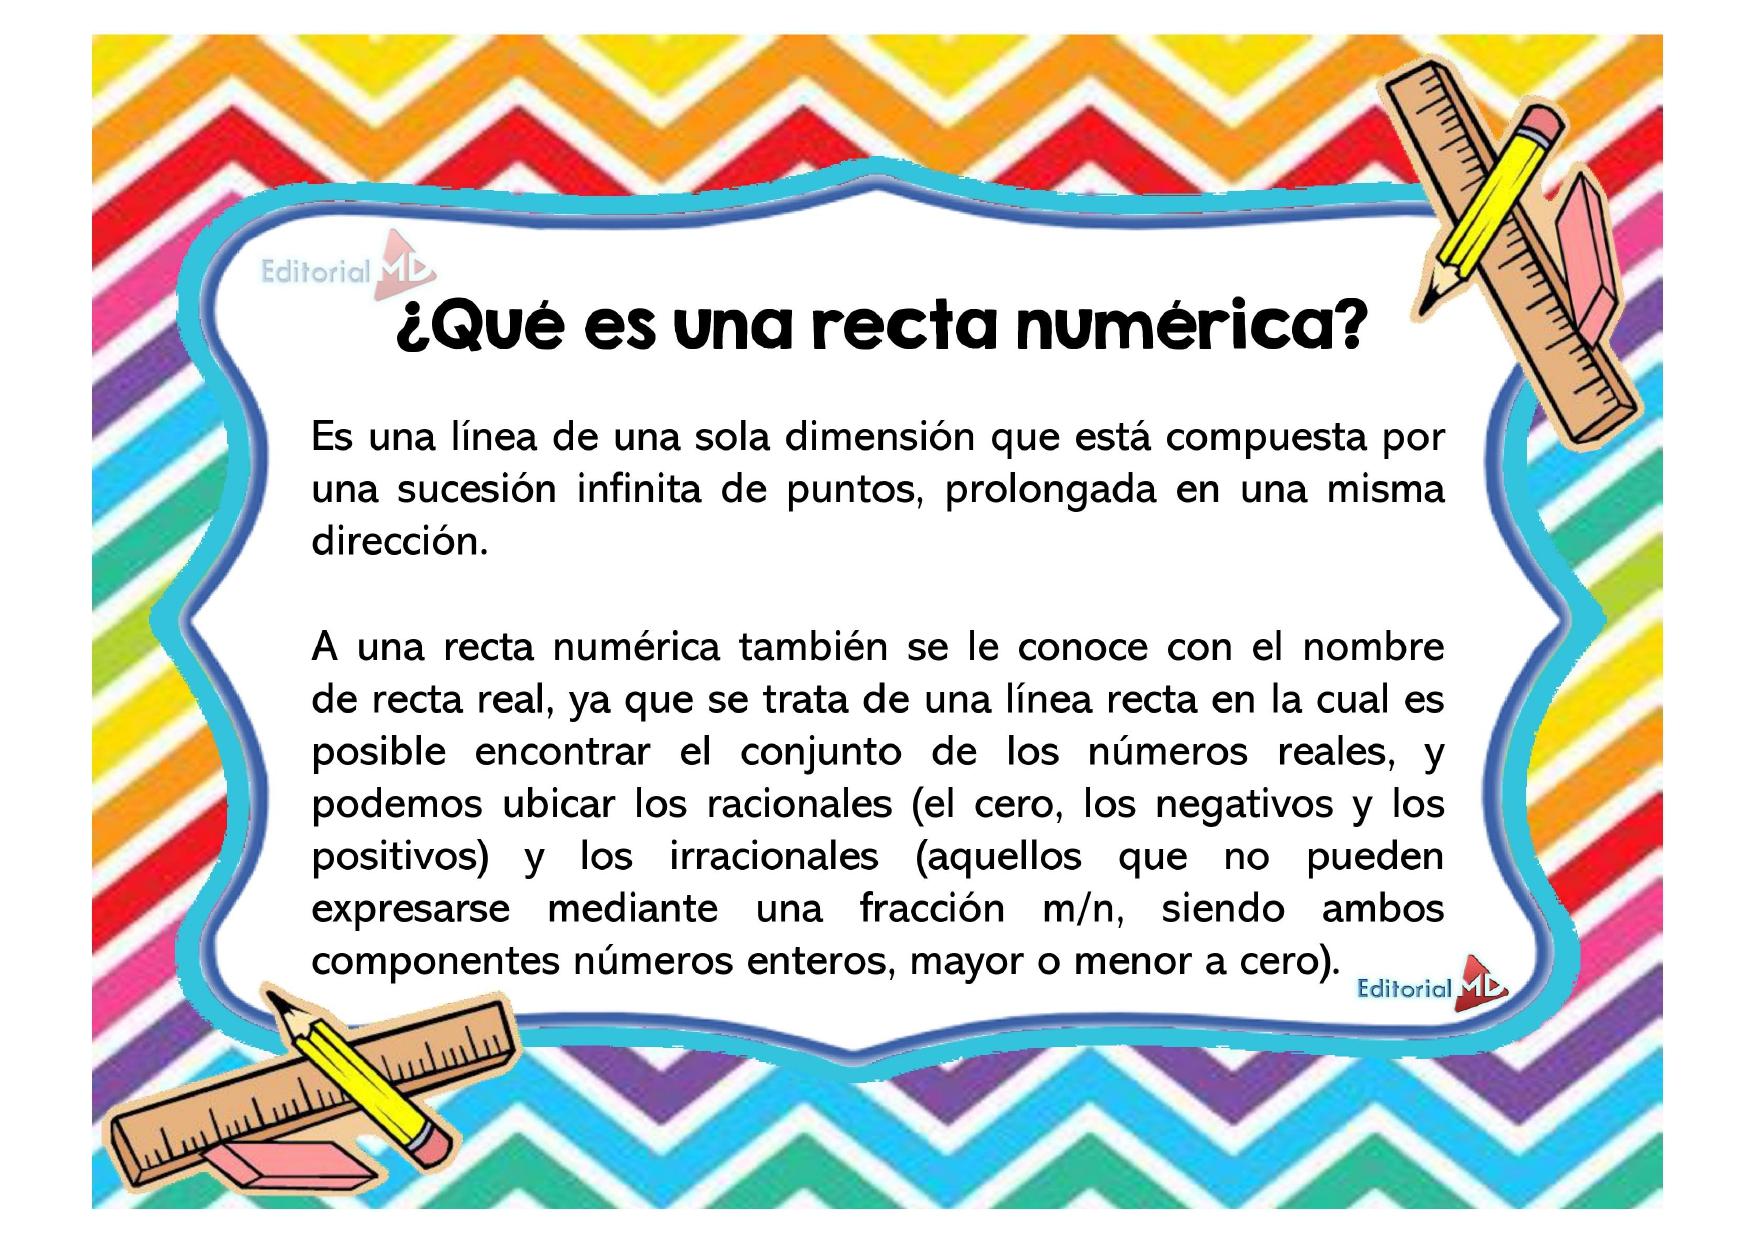 ¿Qué es una recta numérica?